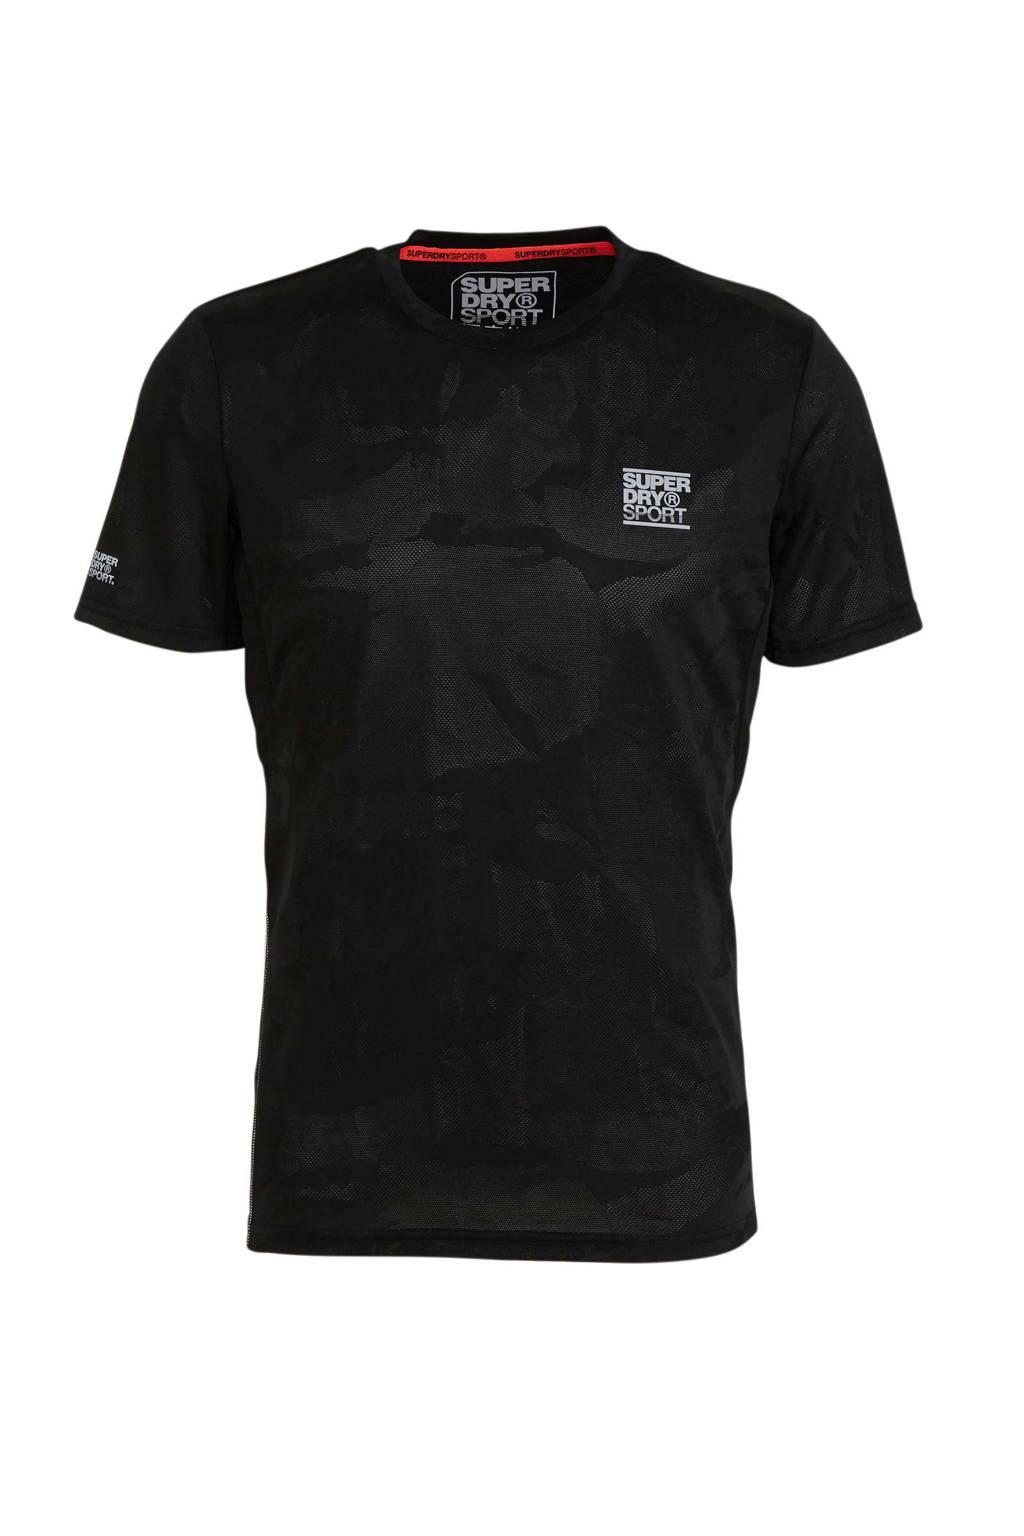 Superdry Sport   T-shirt zwart camouflageprint, Zwart